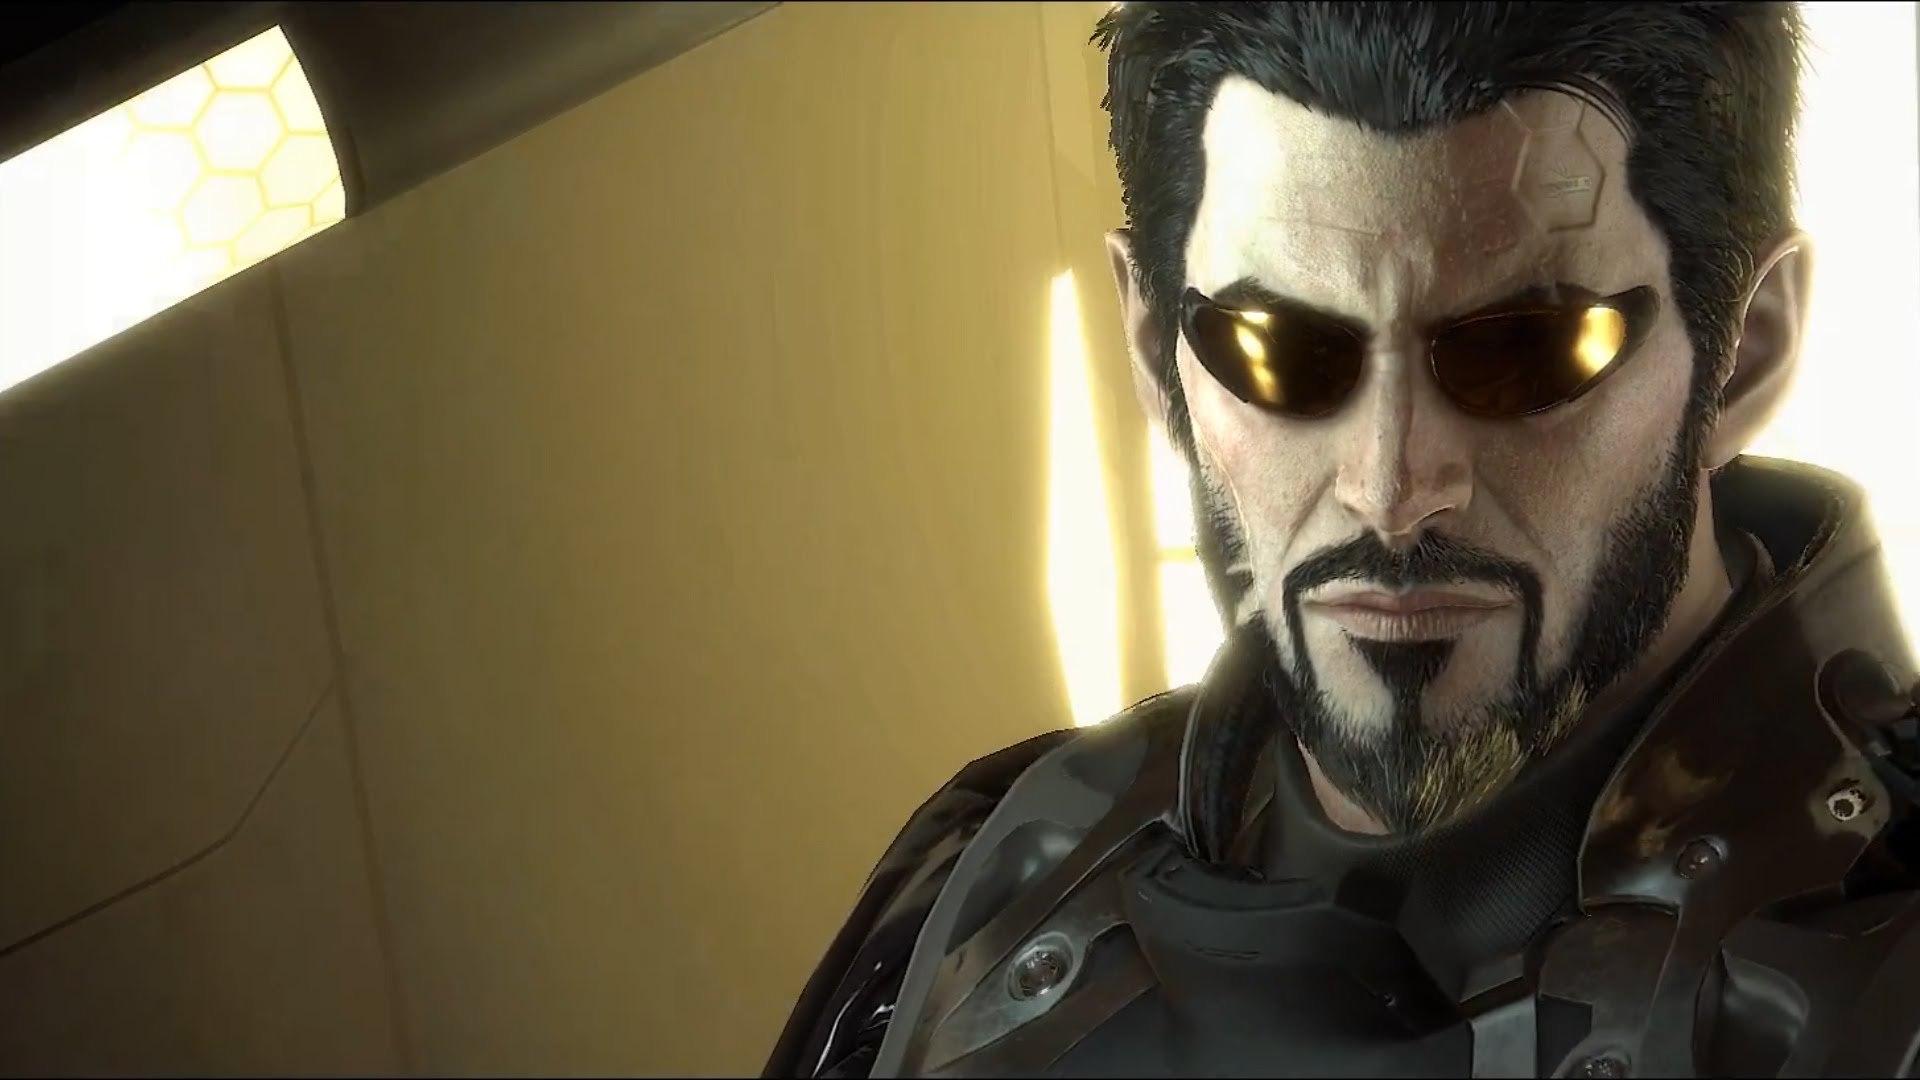 Deus Ex Mankind Divided Wallpaper: Deus Ex: Mankind Divided Wallpapers Images Photos Pictures